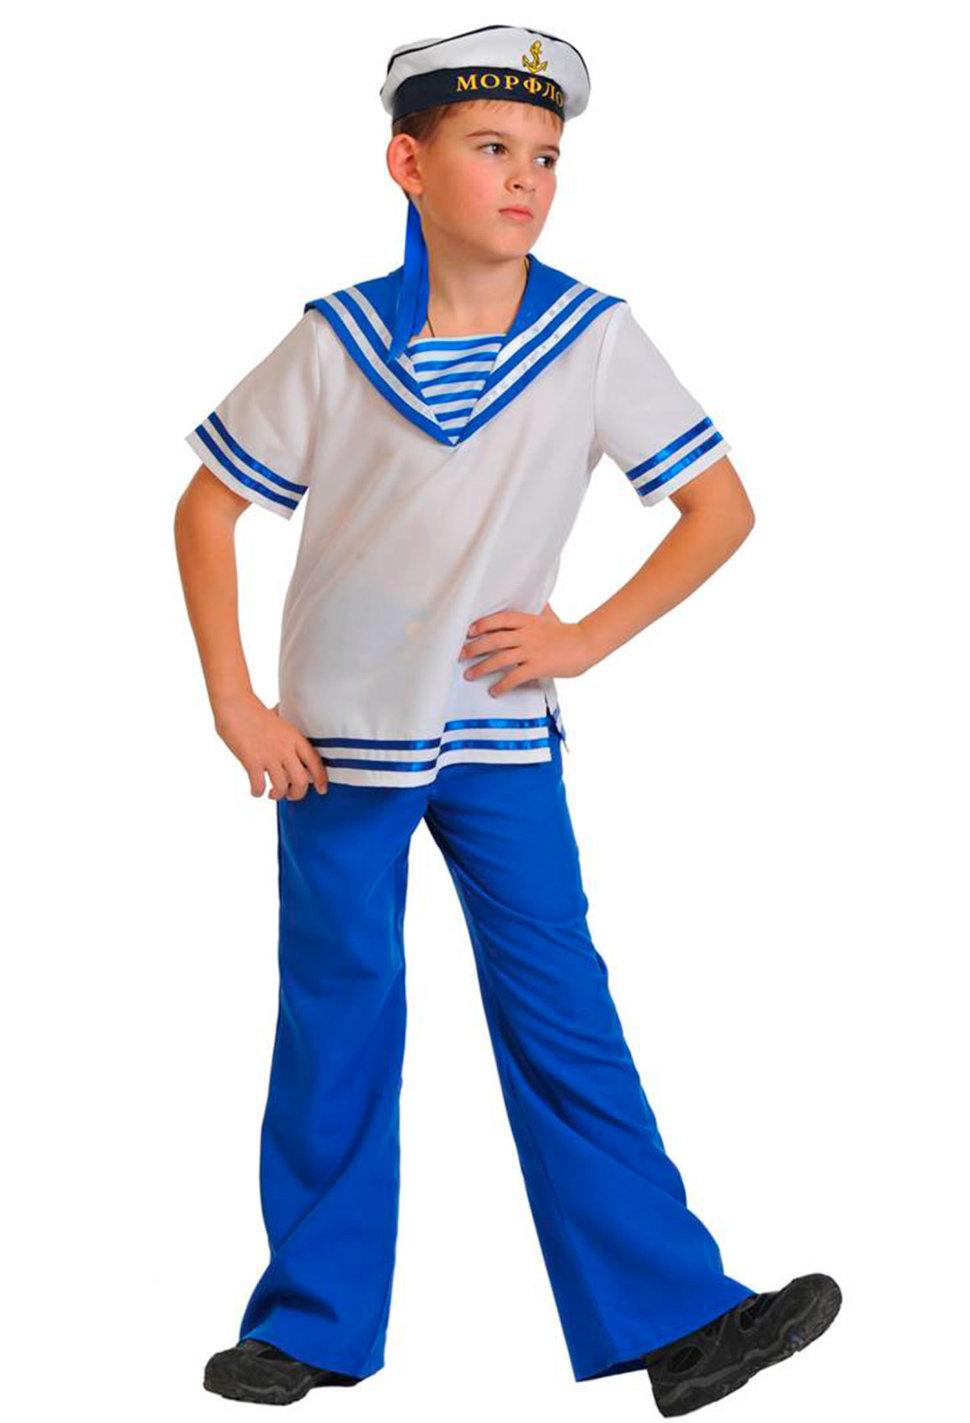 Детский костюм Моряка 5035 для мальчика 9212975150c